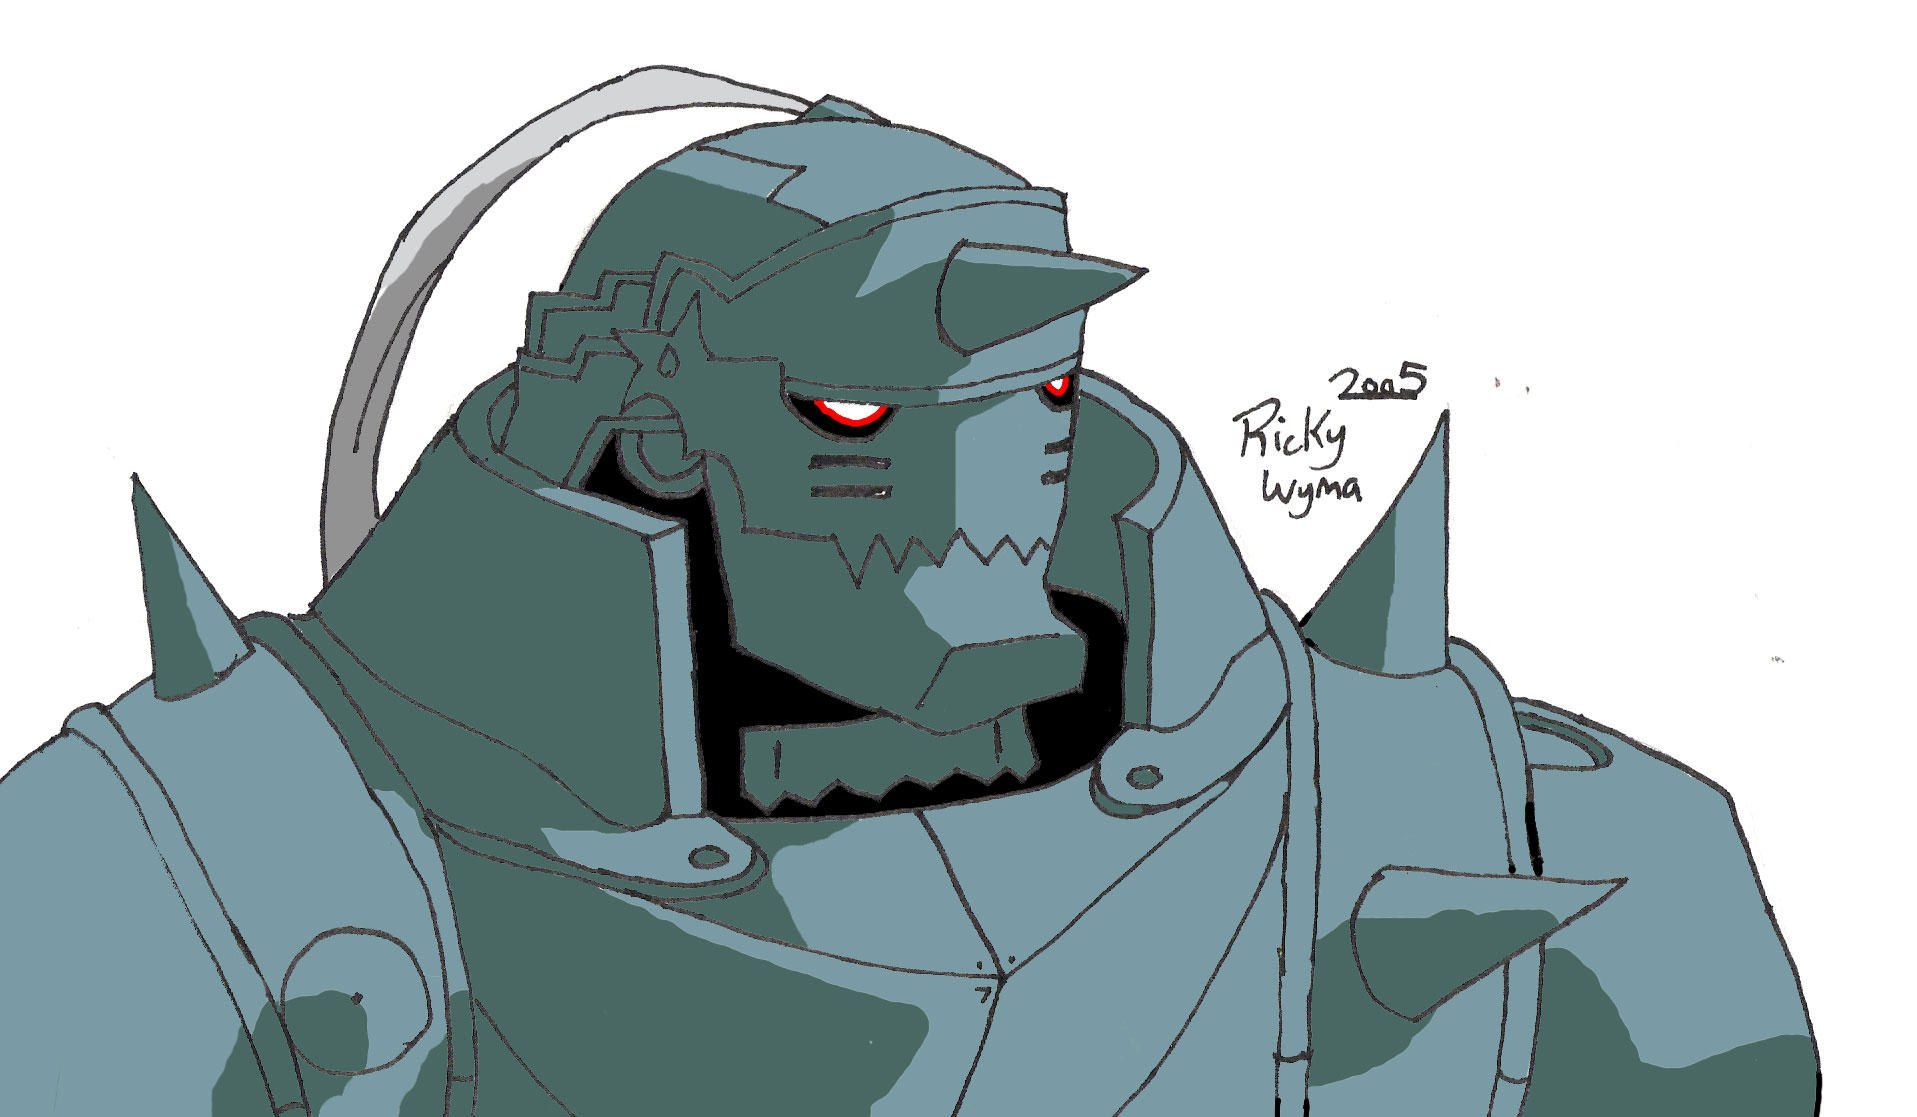 Alphonse Armor